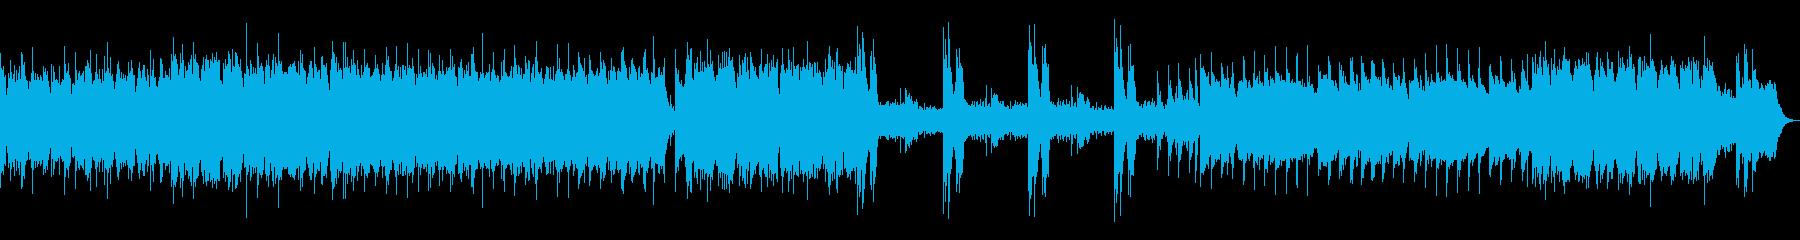 ギターメインの戦闘曲の再生済みの波形